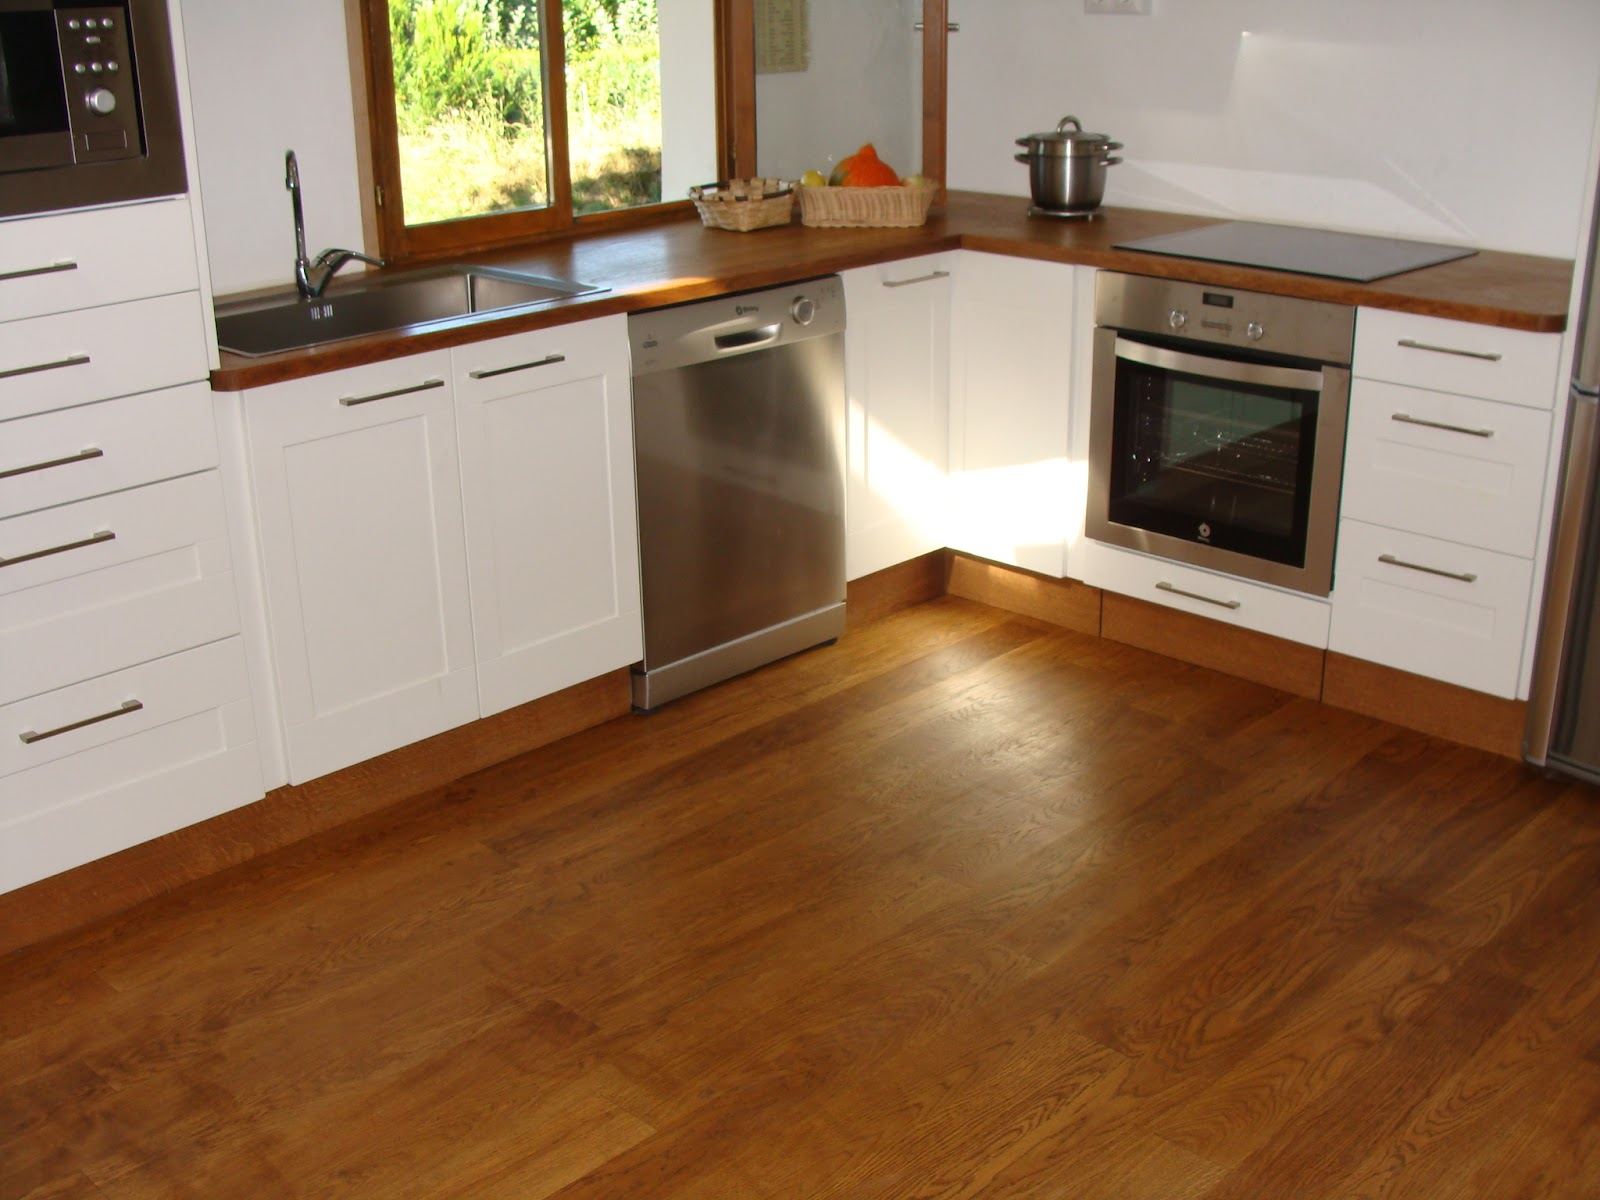 Andocarpinteando tarima de madera de roble en una cocina - Tarima para cocina ...